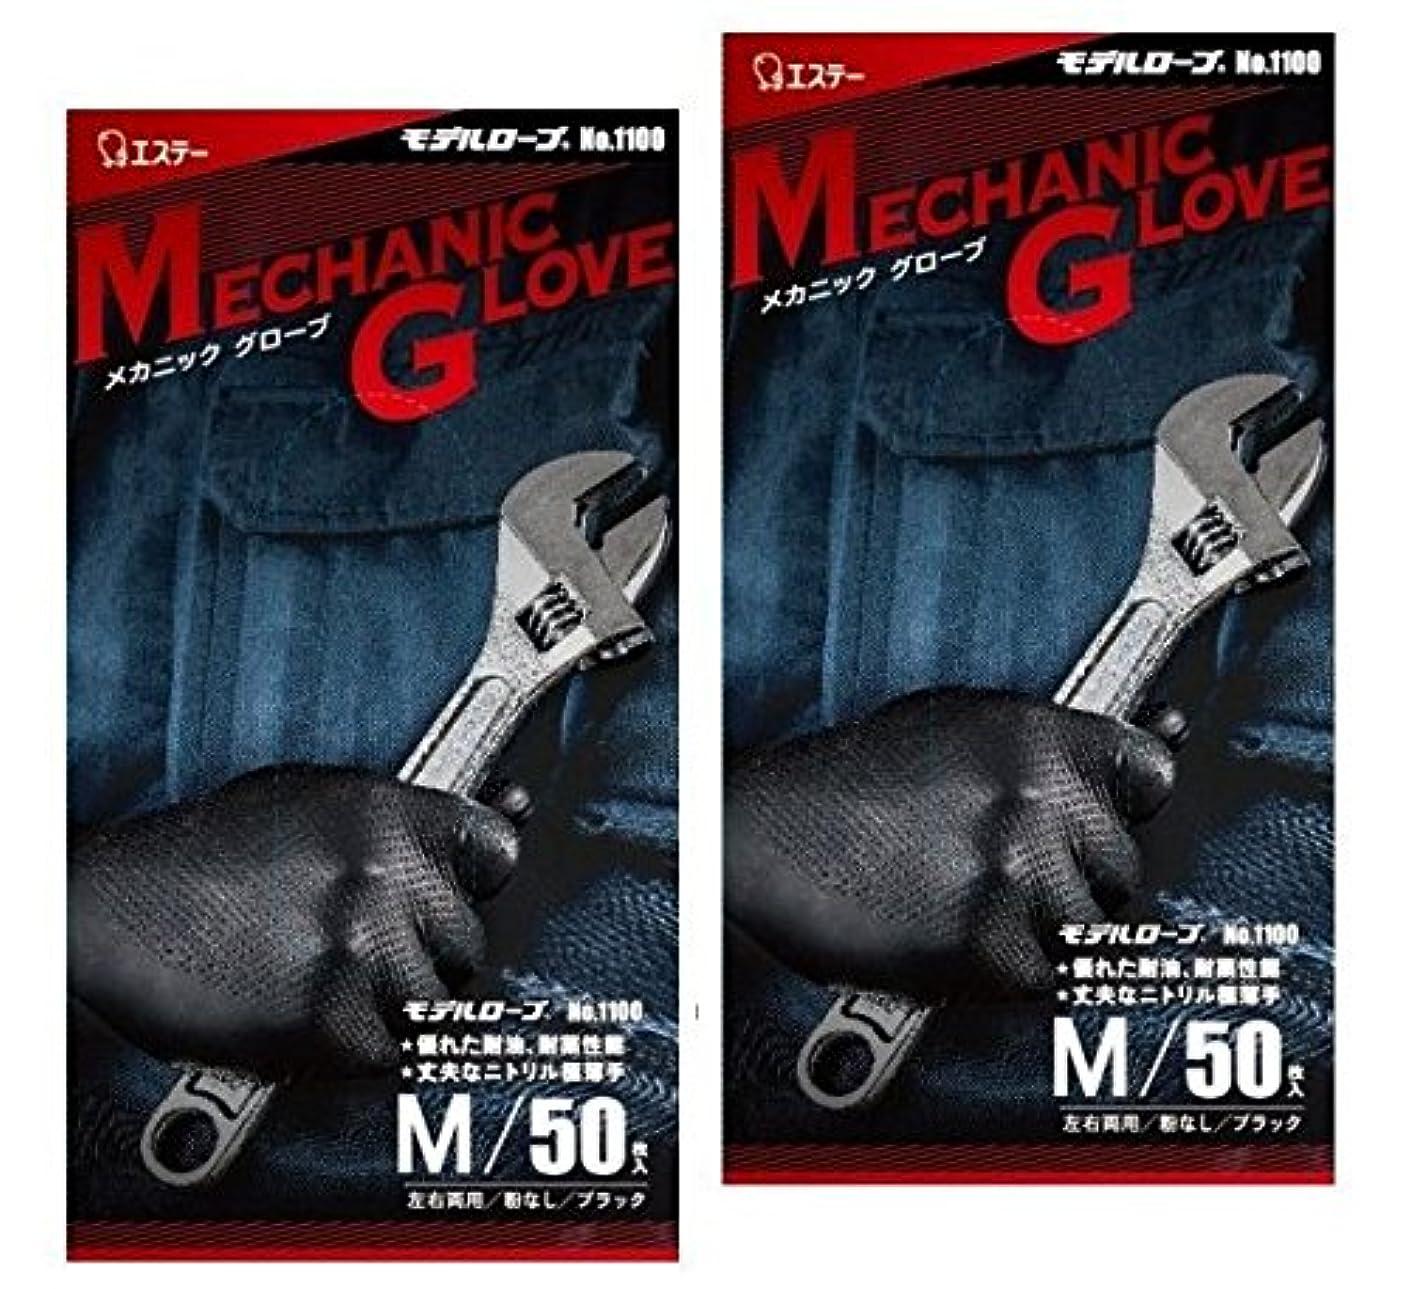 赤字犬安価な【2箱組】モデルローブ No.1100 メカニックグローブ Mサイズ ブラック 50枚